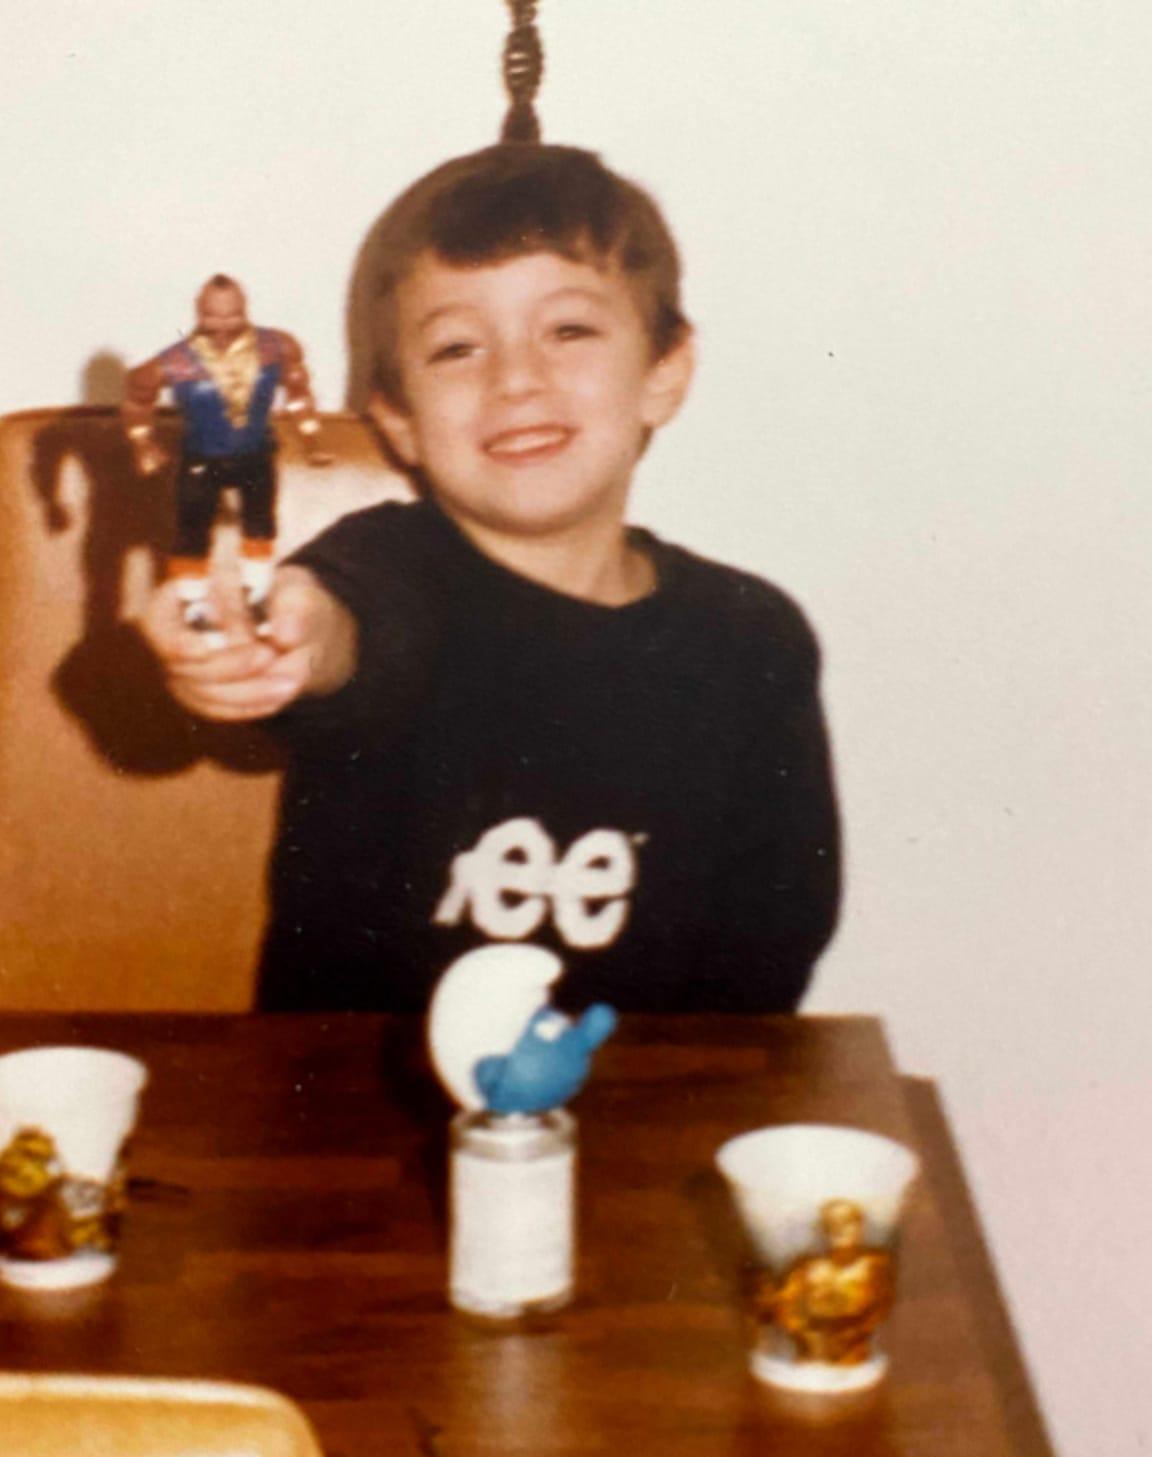 Vinny as a kid